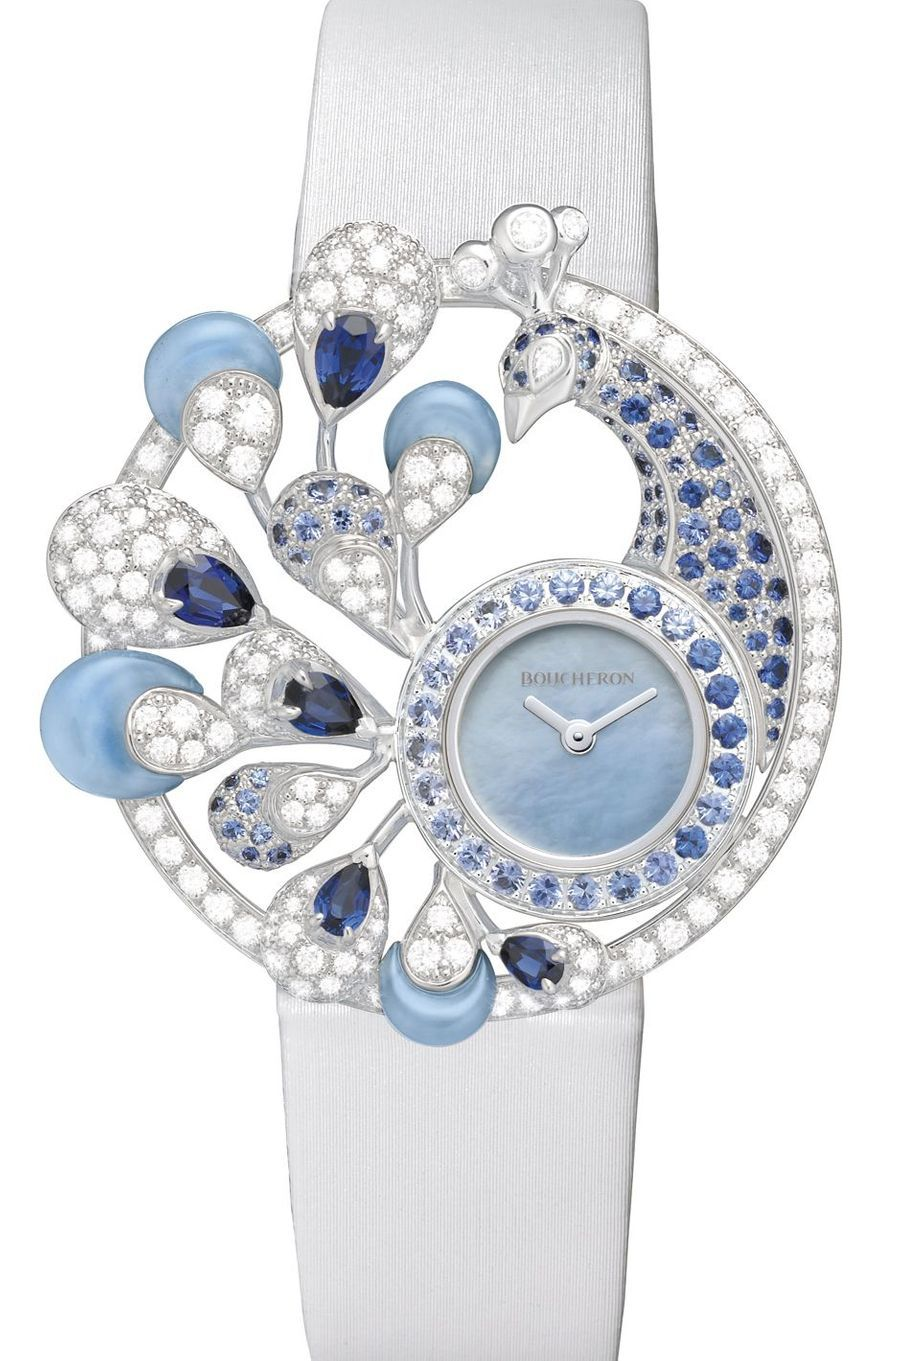 Héra en or blanc sertie de diamants, saphirs bleus et calcédoines, mouvement à quartz, bracelet en satin, cadran en nacre. Boucheron. 76 500 €.